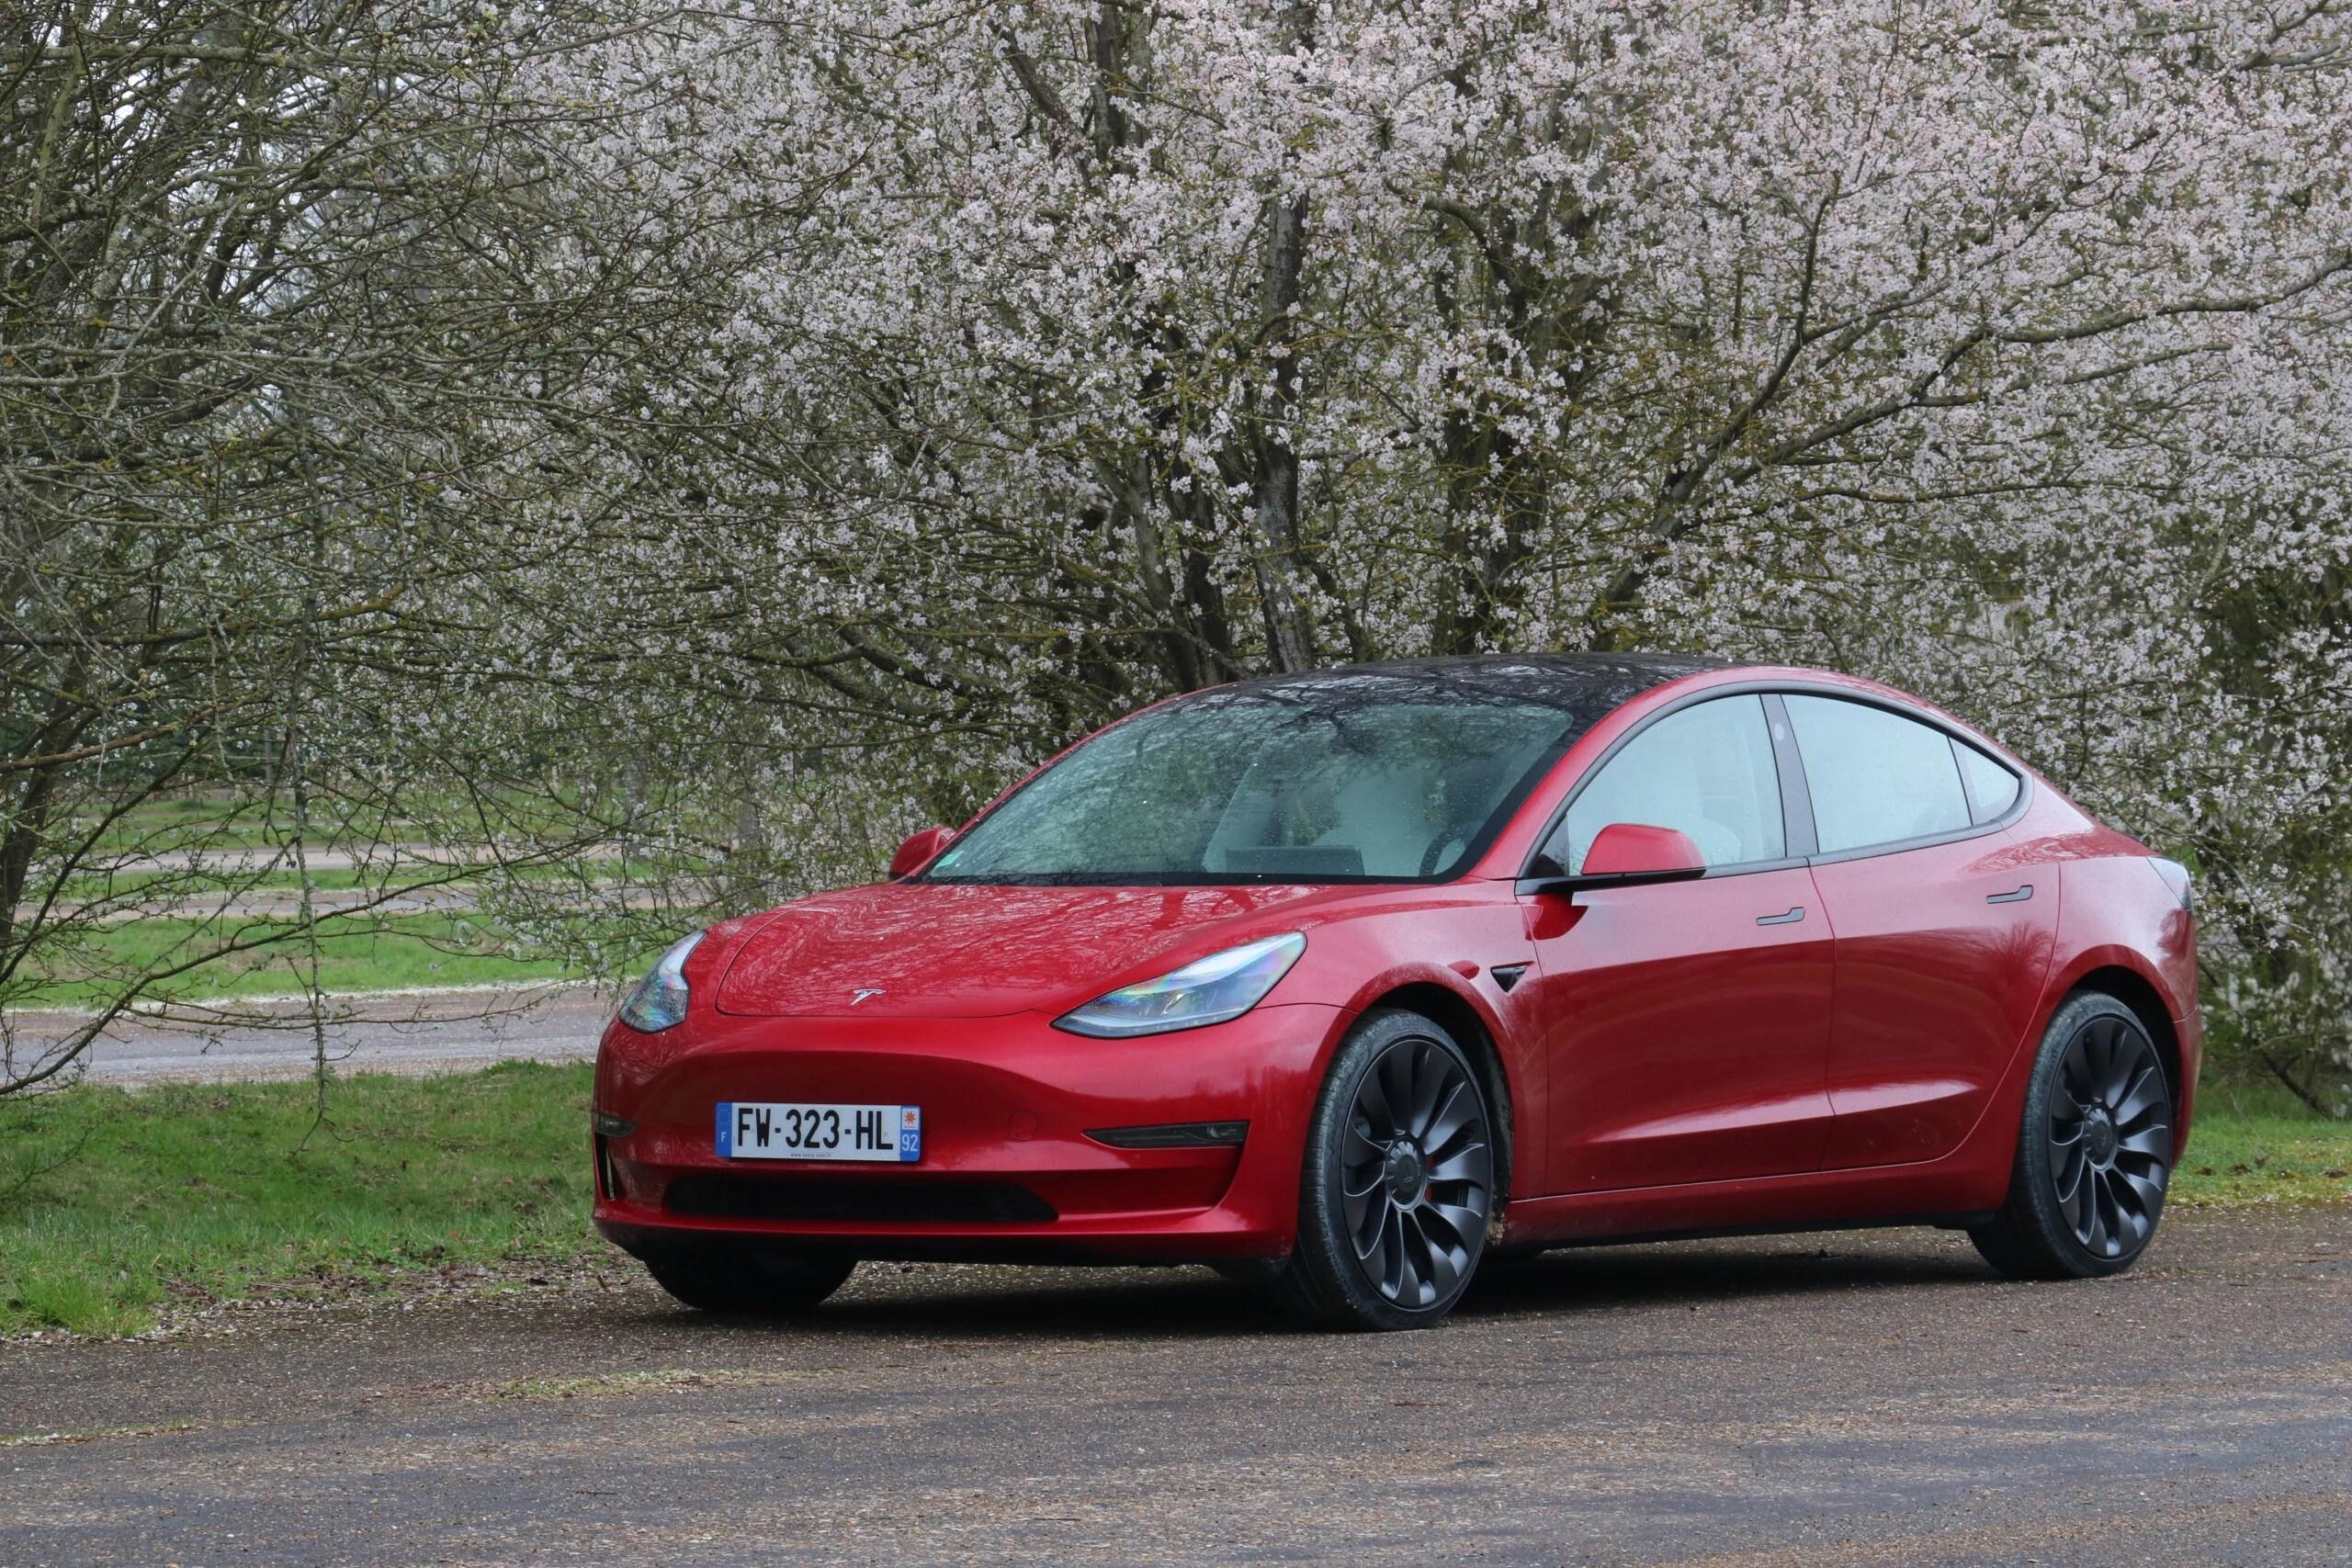 Prix de la Tesla Model 3, mises à jour des Samsung Galaxy A et Android Auto – Tech'spresso